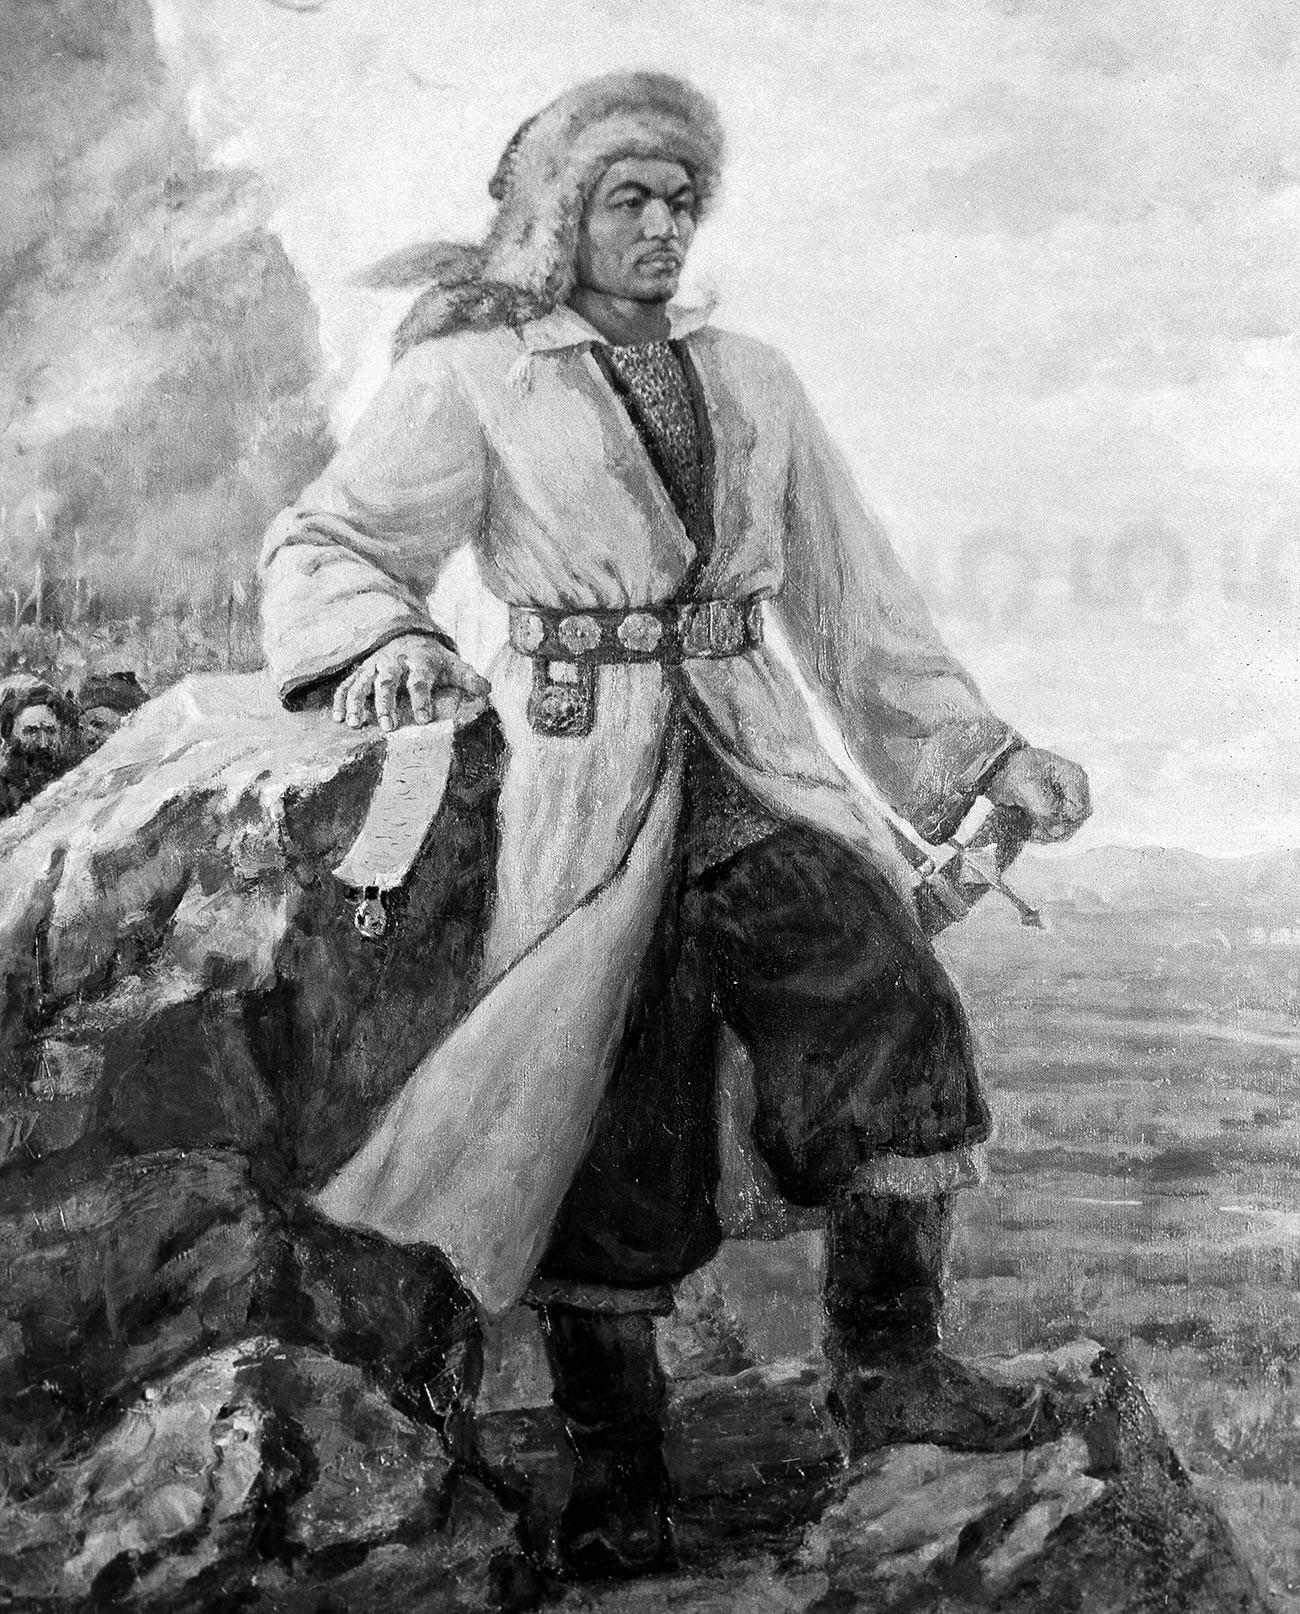 Первый портрет Салавата Юлаева, 1957. Художник Габдулла Мустафин. Репродукция